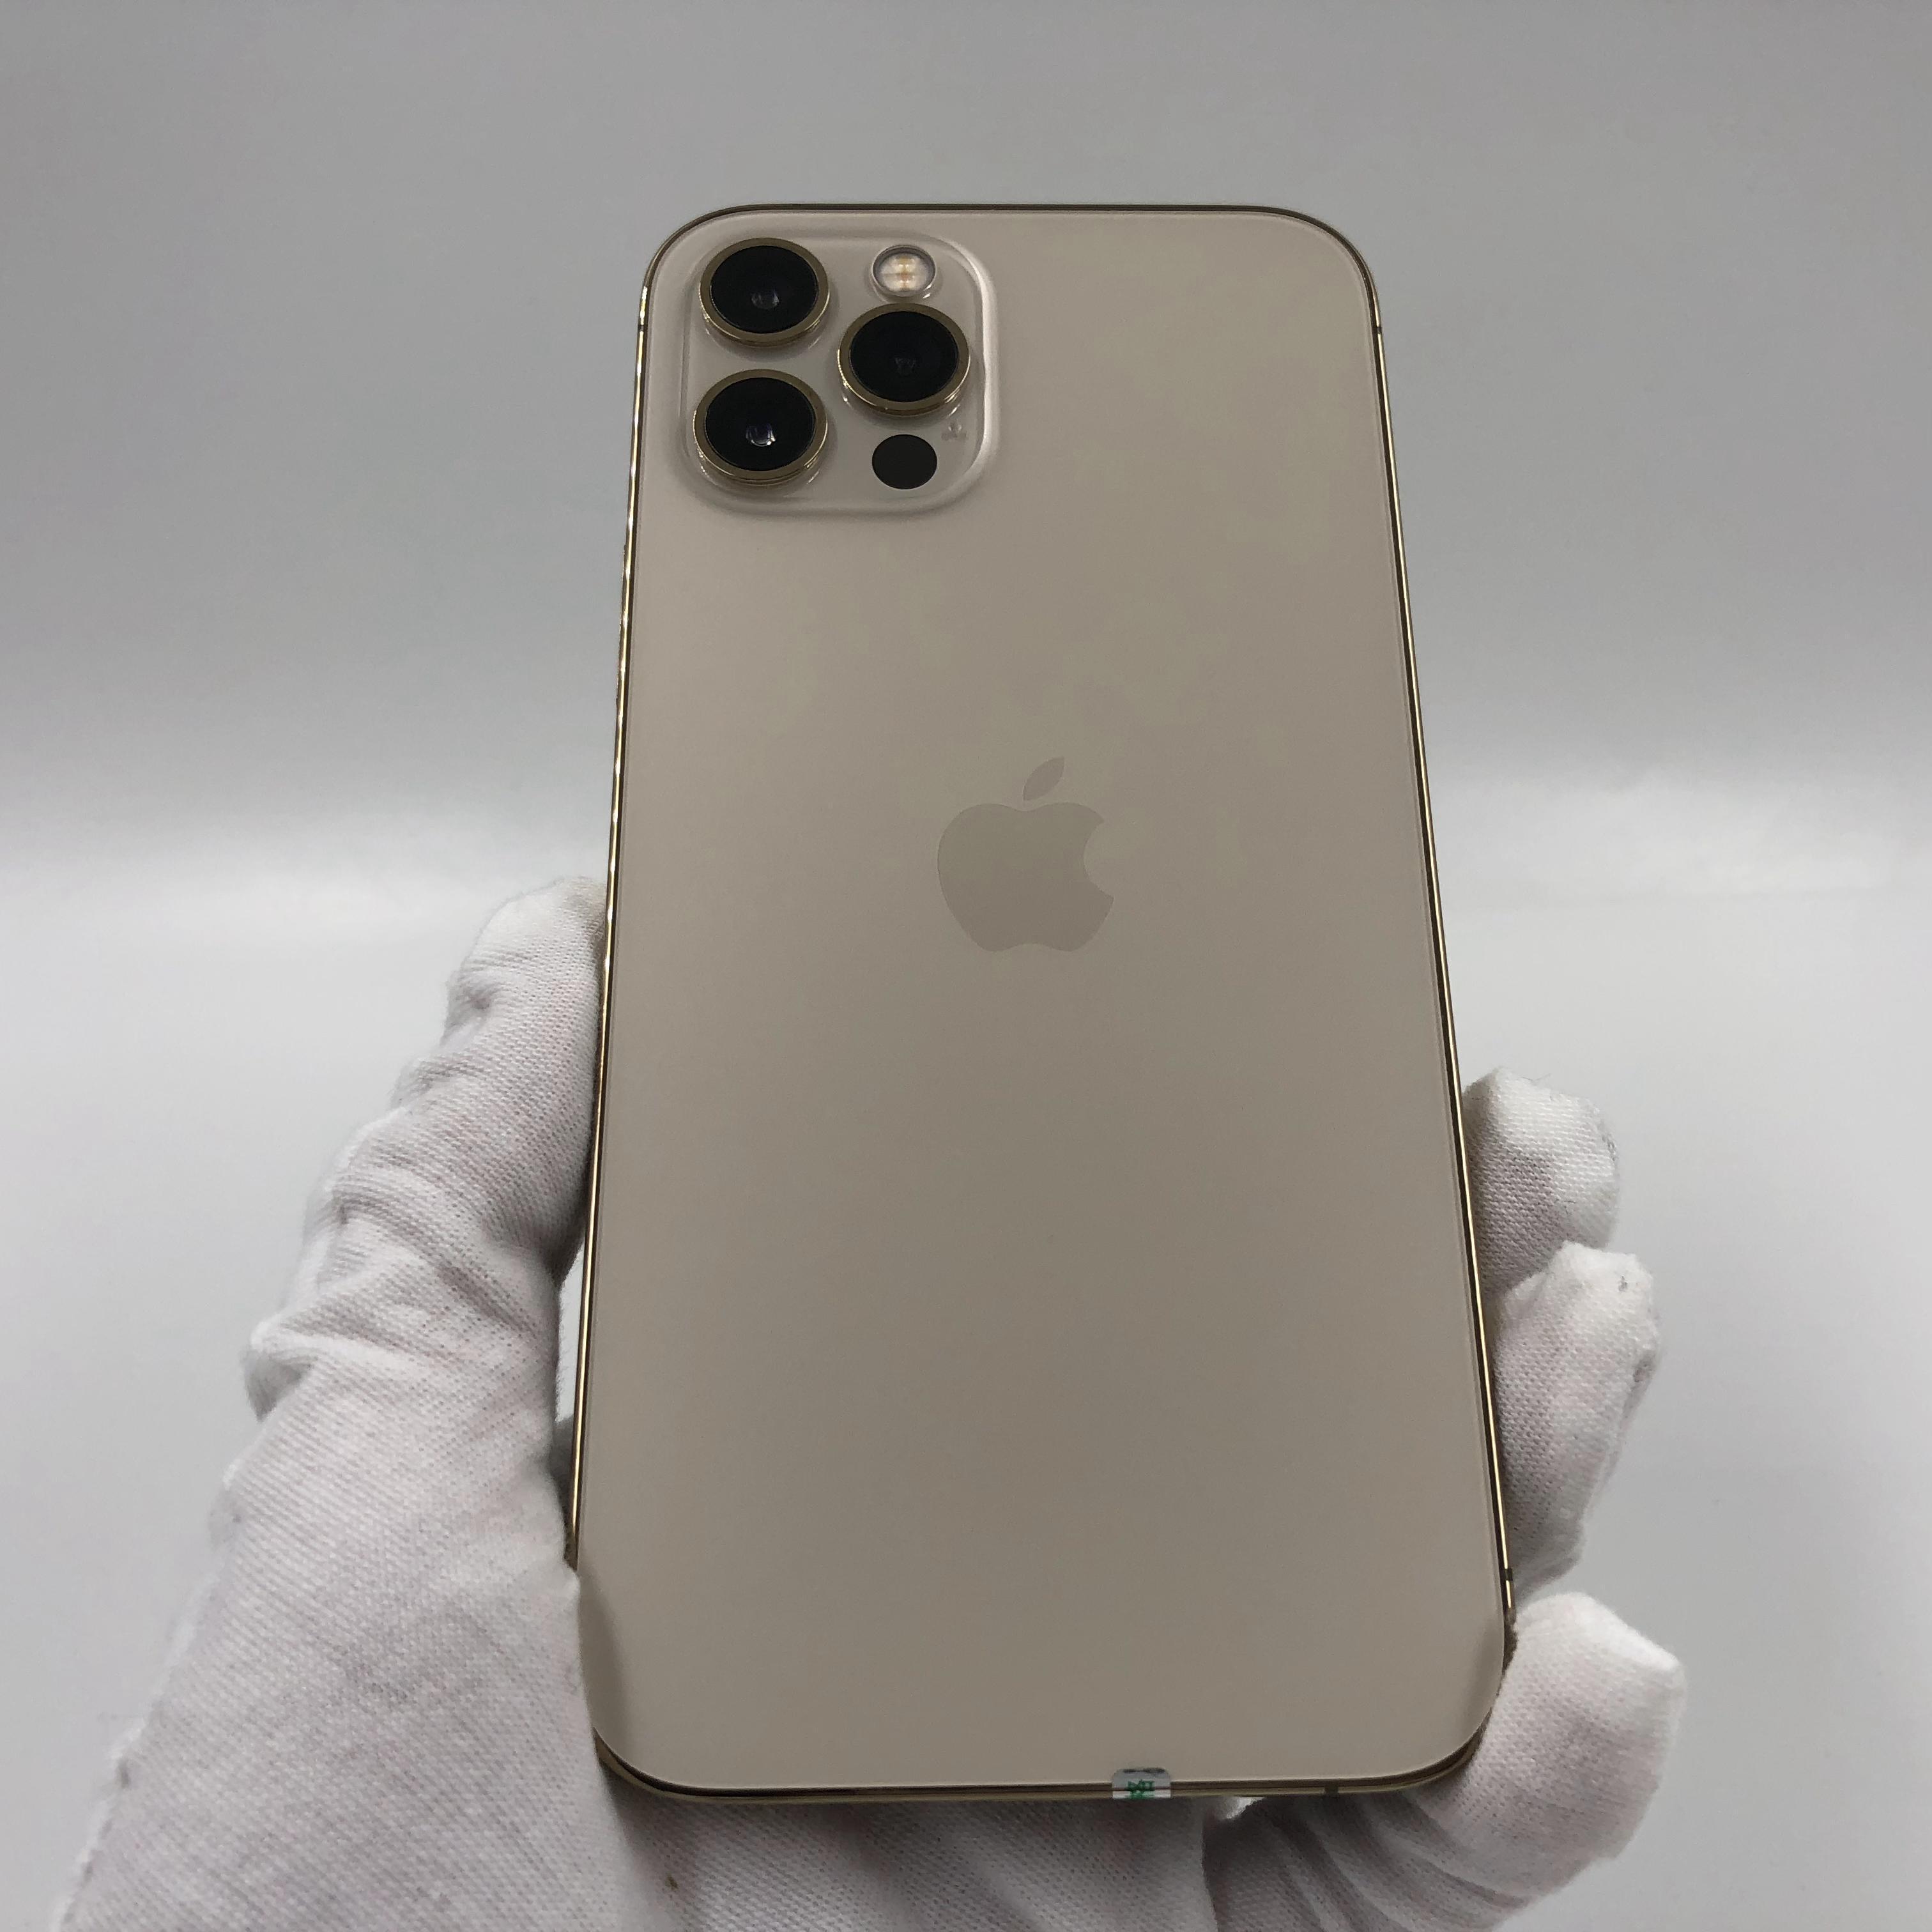 苹果【iPhone 12 Pro】5G全网通 金色 128G 国行 95新 真机实拍官保2021-11-10